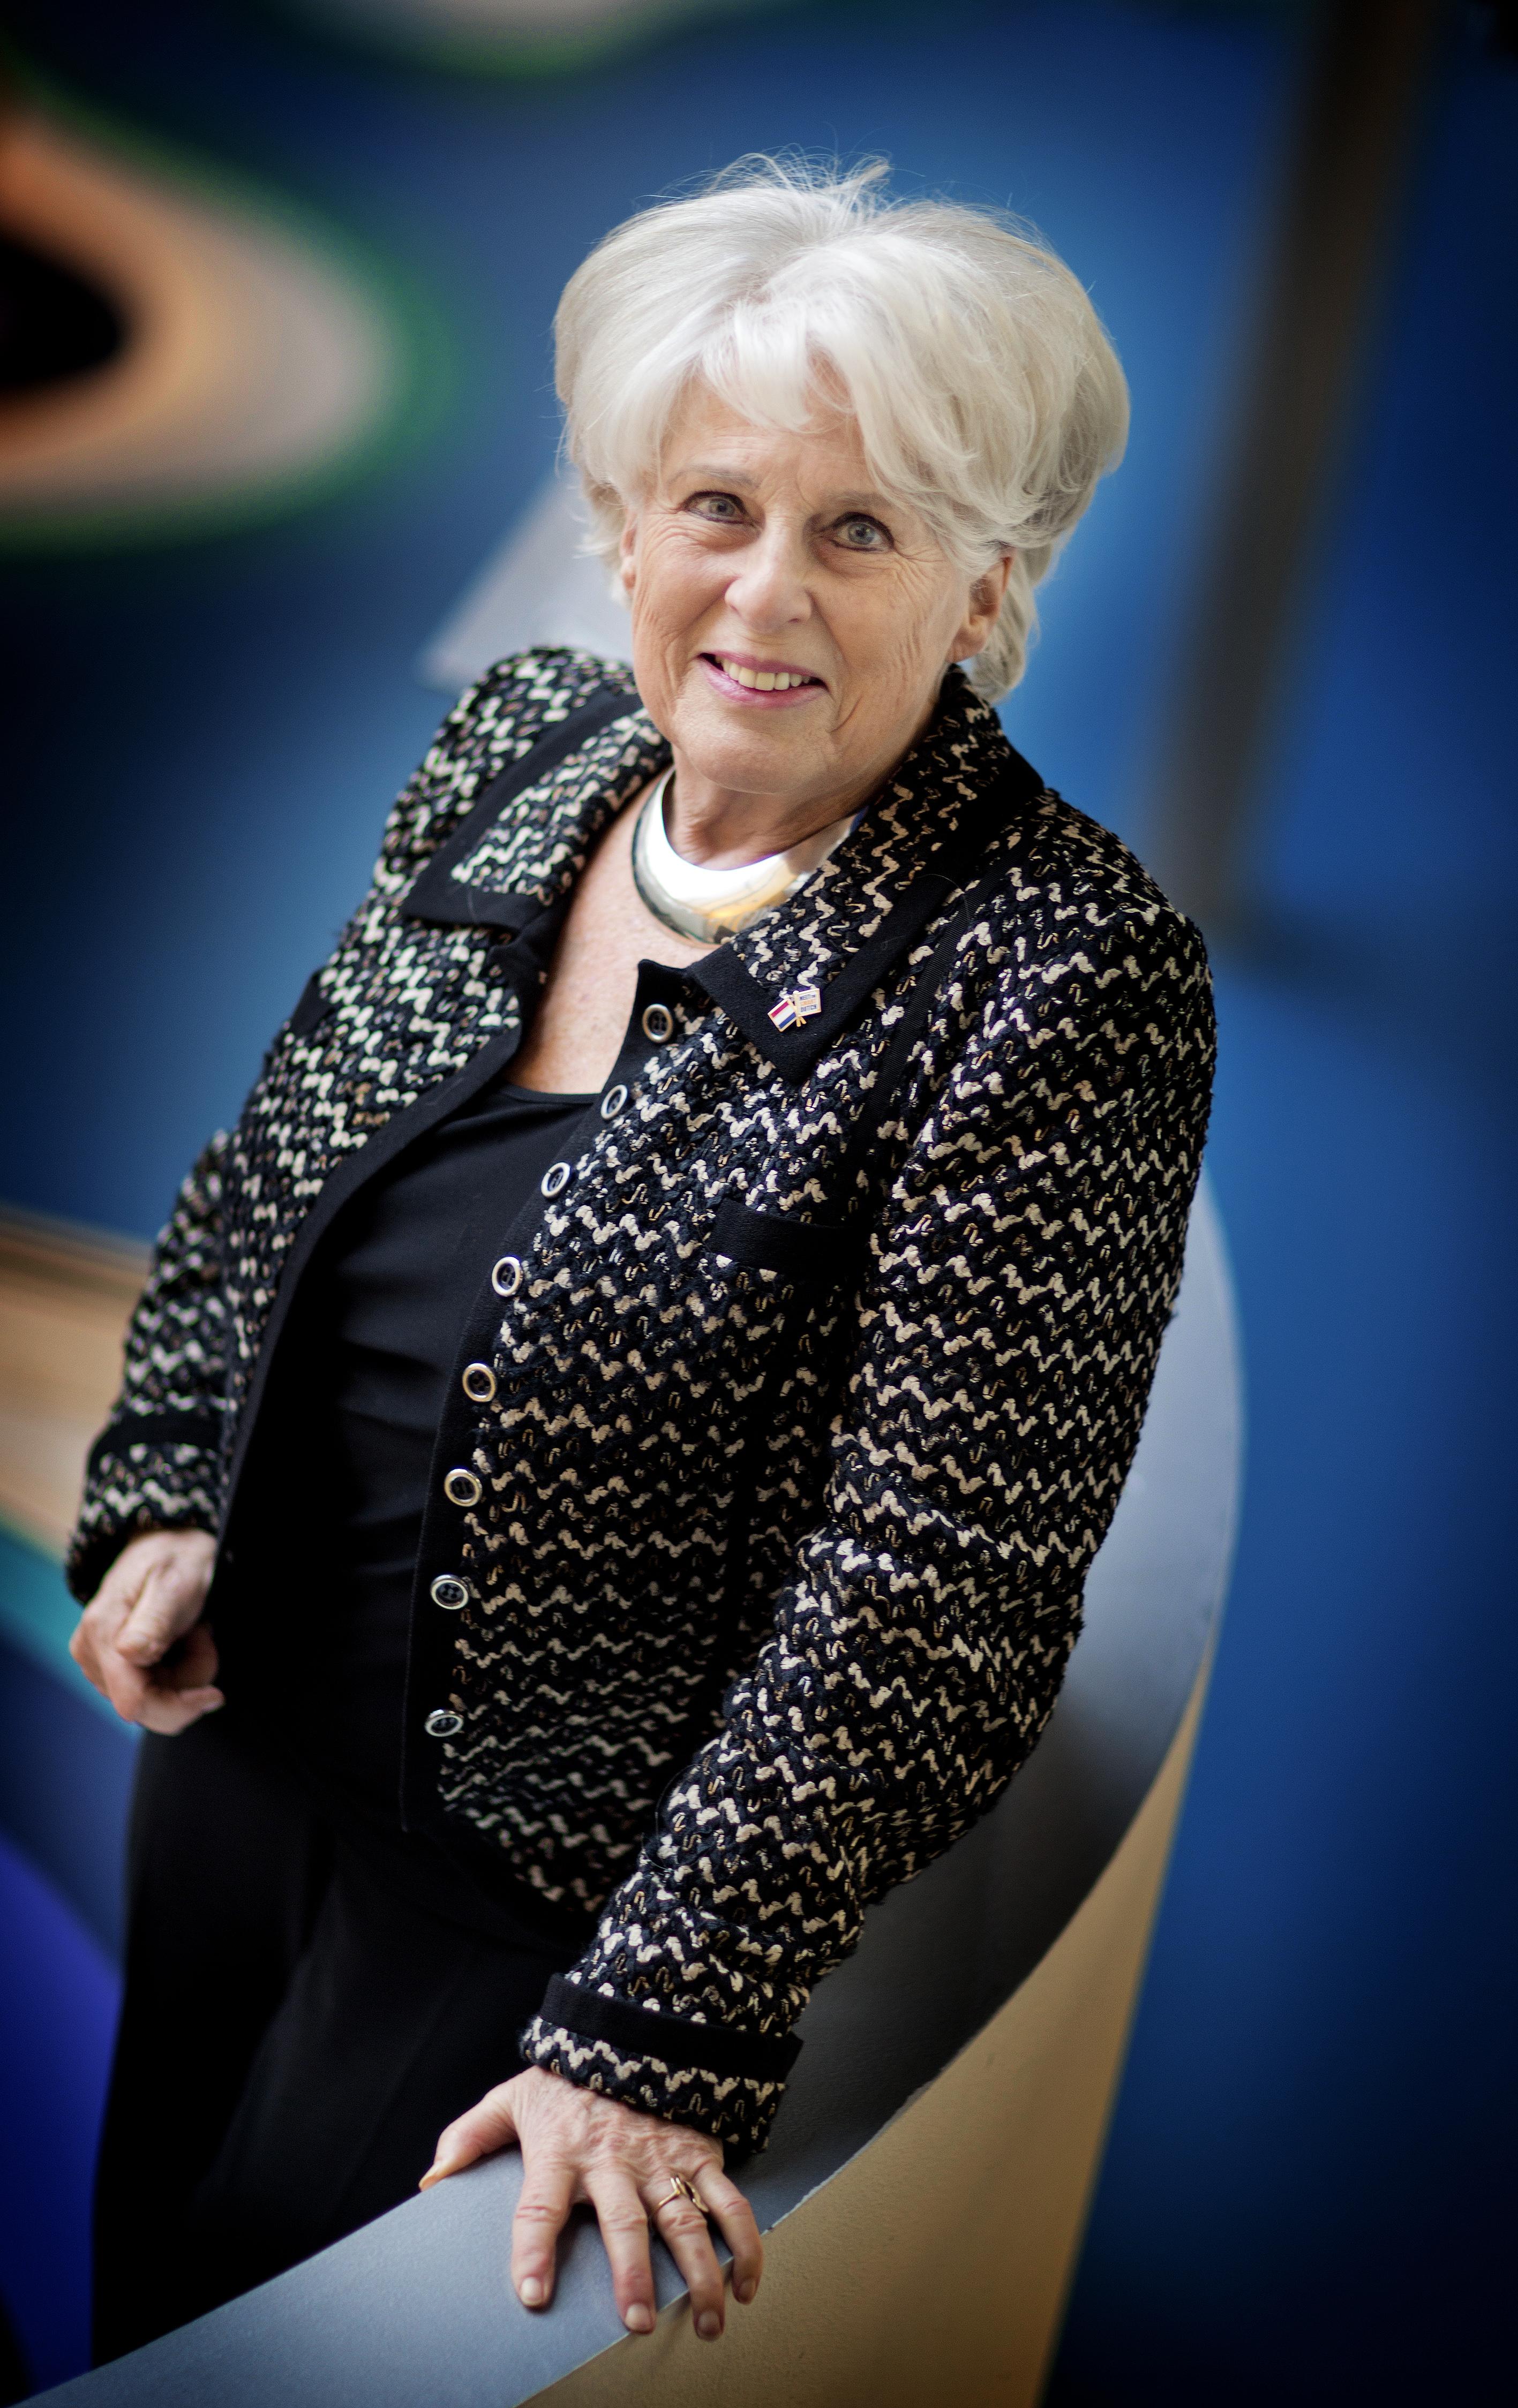 DEN HAAG - Voorzitter van de Raad van Toezicht Deltares Karla Peijs. - FOTO GUUS SCHOONEWILLE